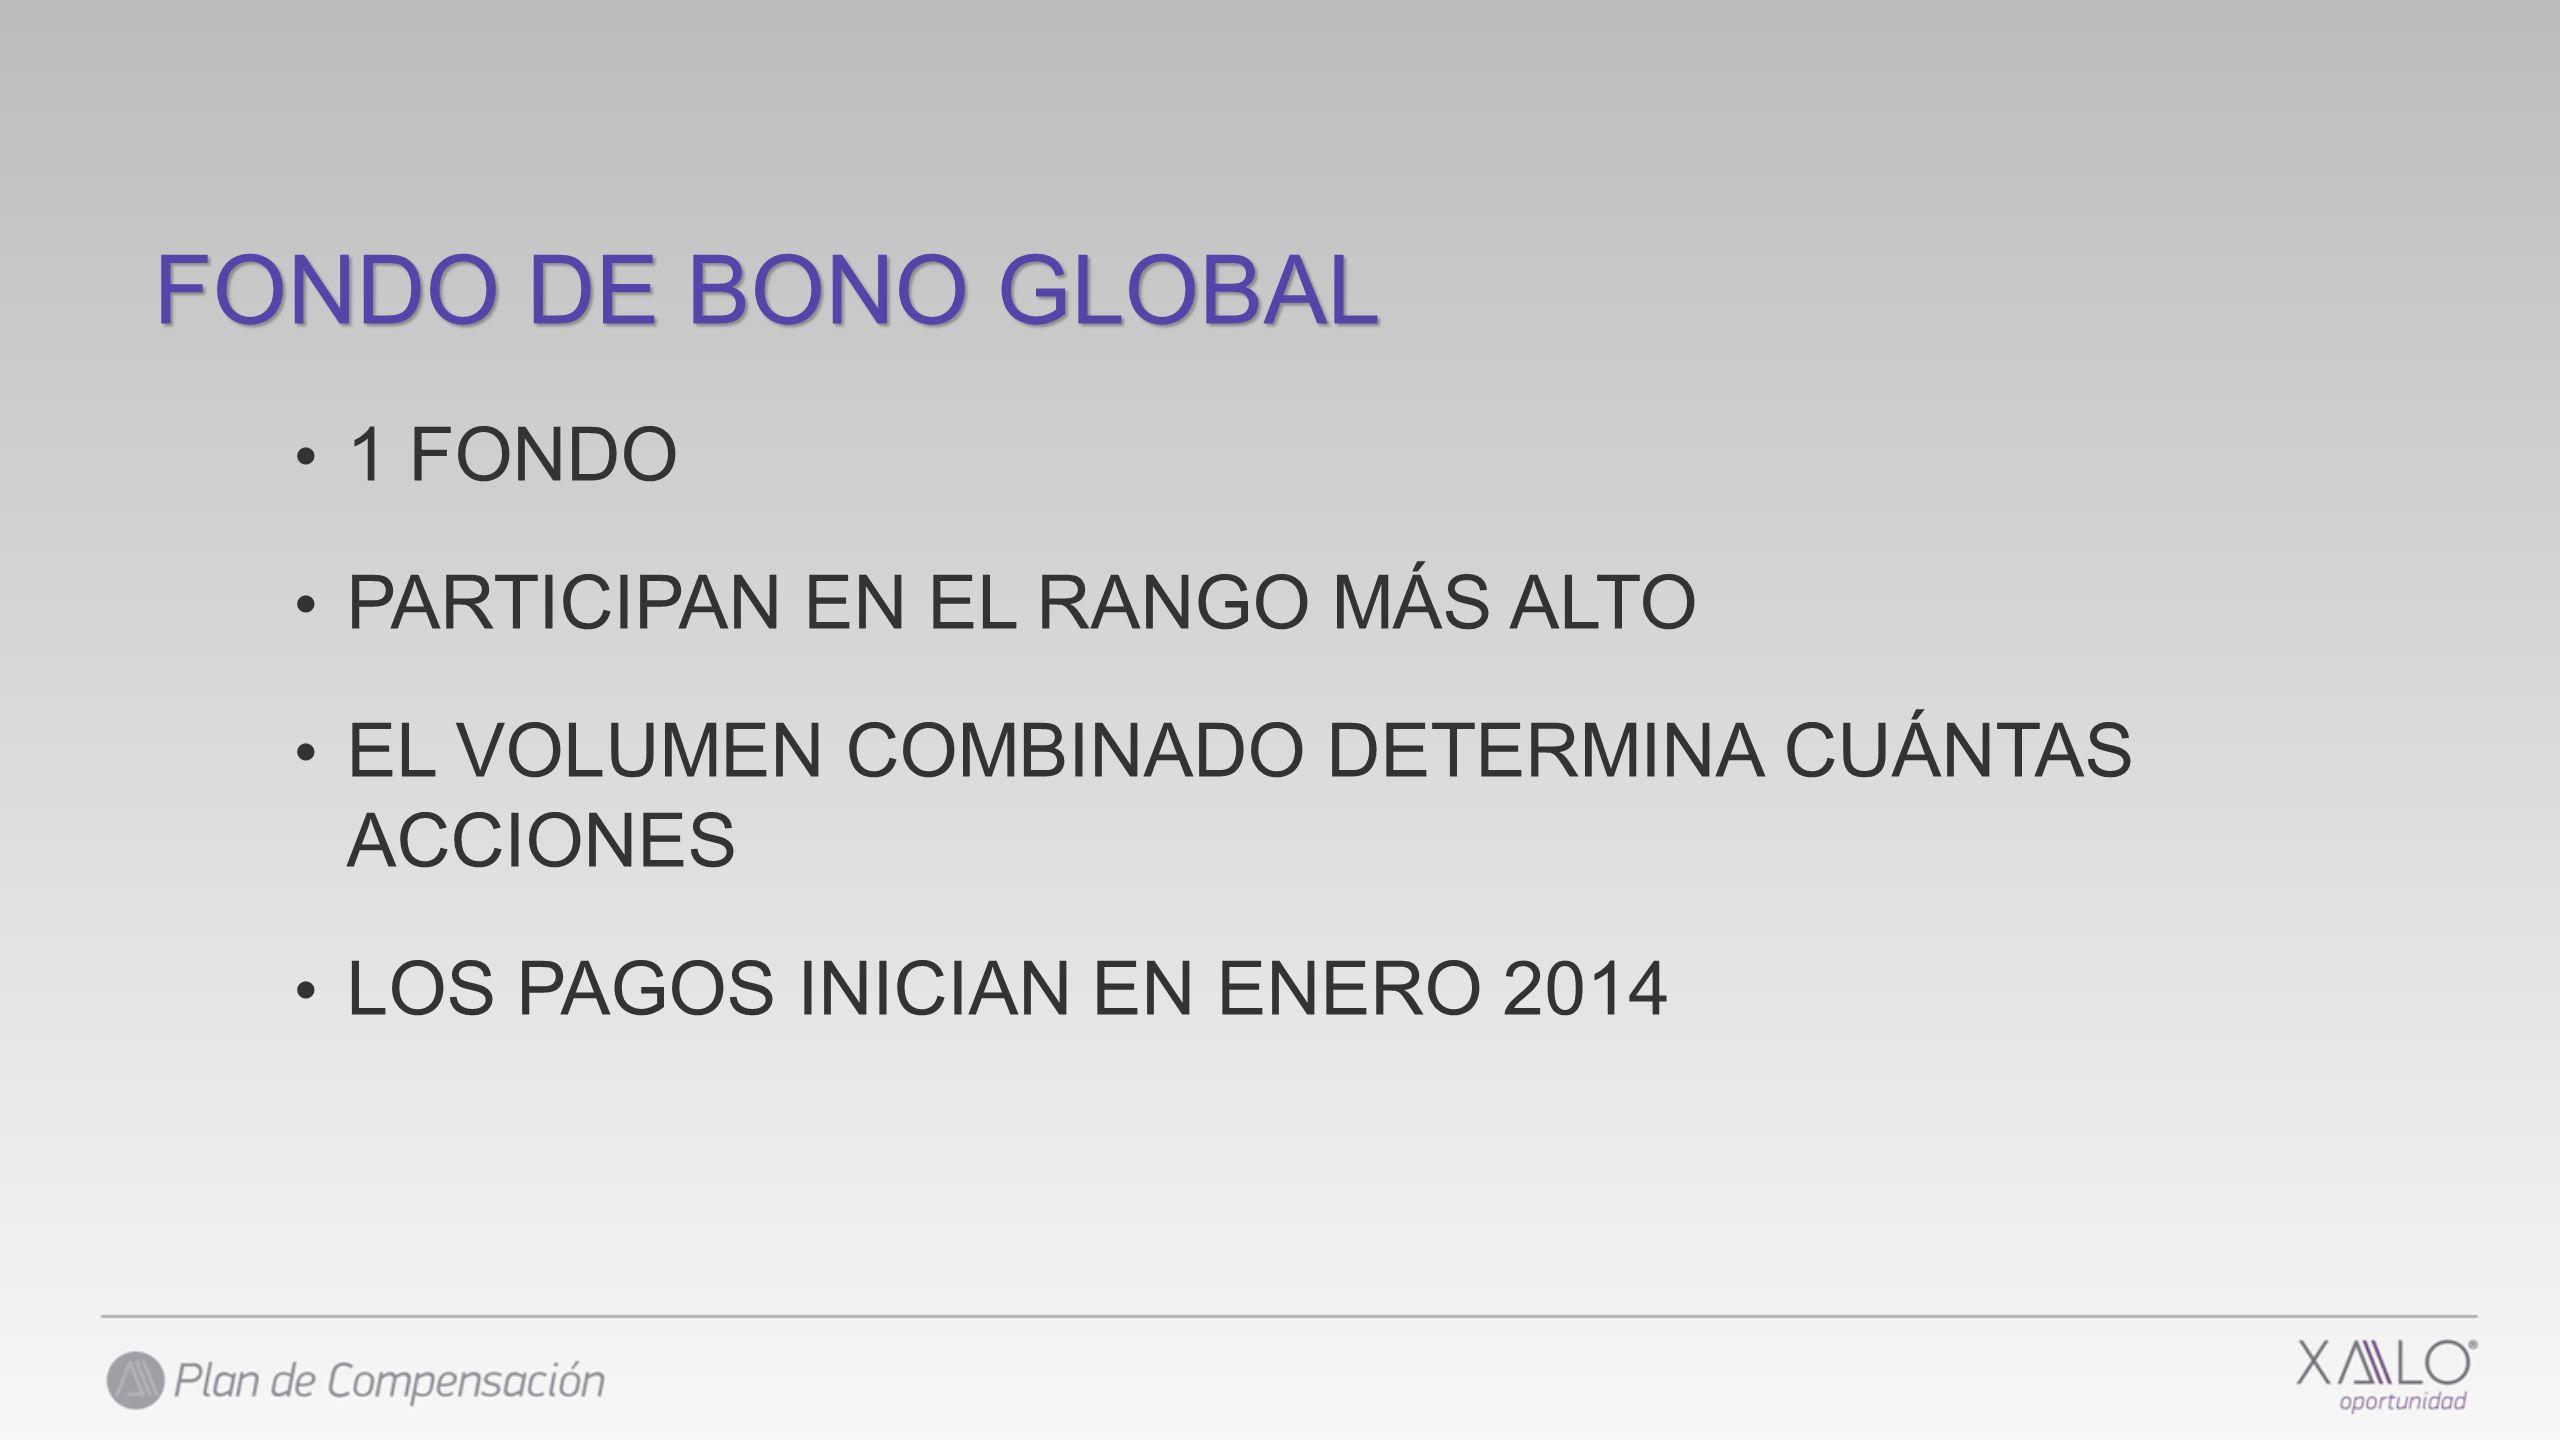 FONDO DE BONO GLOBAL 1 FONDO PARTICIPAN EN EL RANGO MÁS ALTO EL VOLUMEN COMBINADO DETERMINA CUÁNTAS ACCIONES LOS PAGOS INICIAN EN ENERO 2014